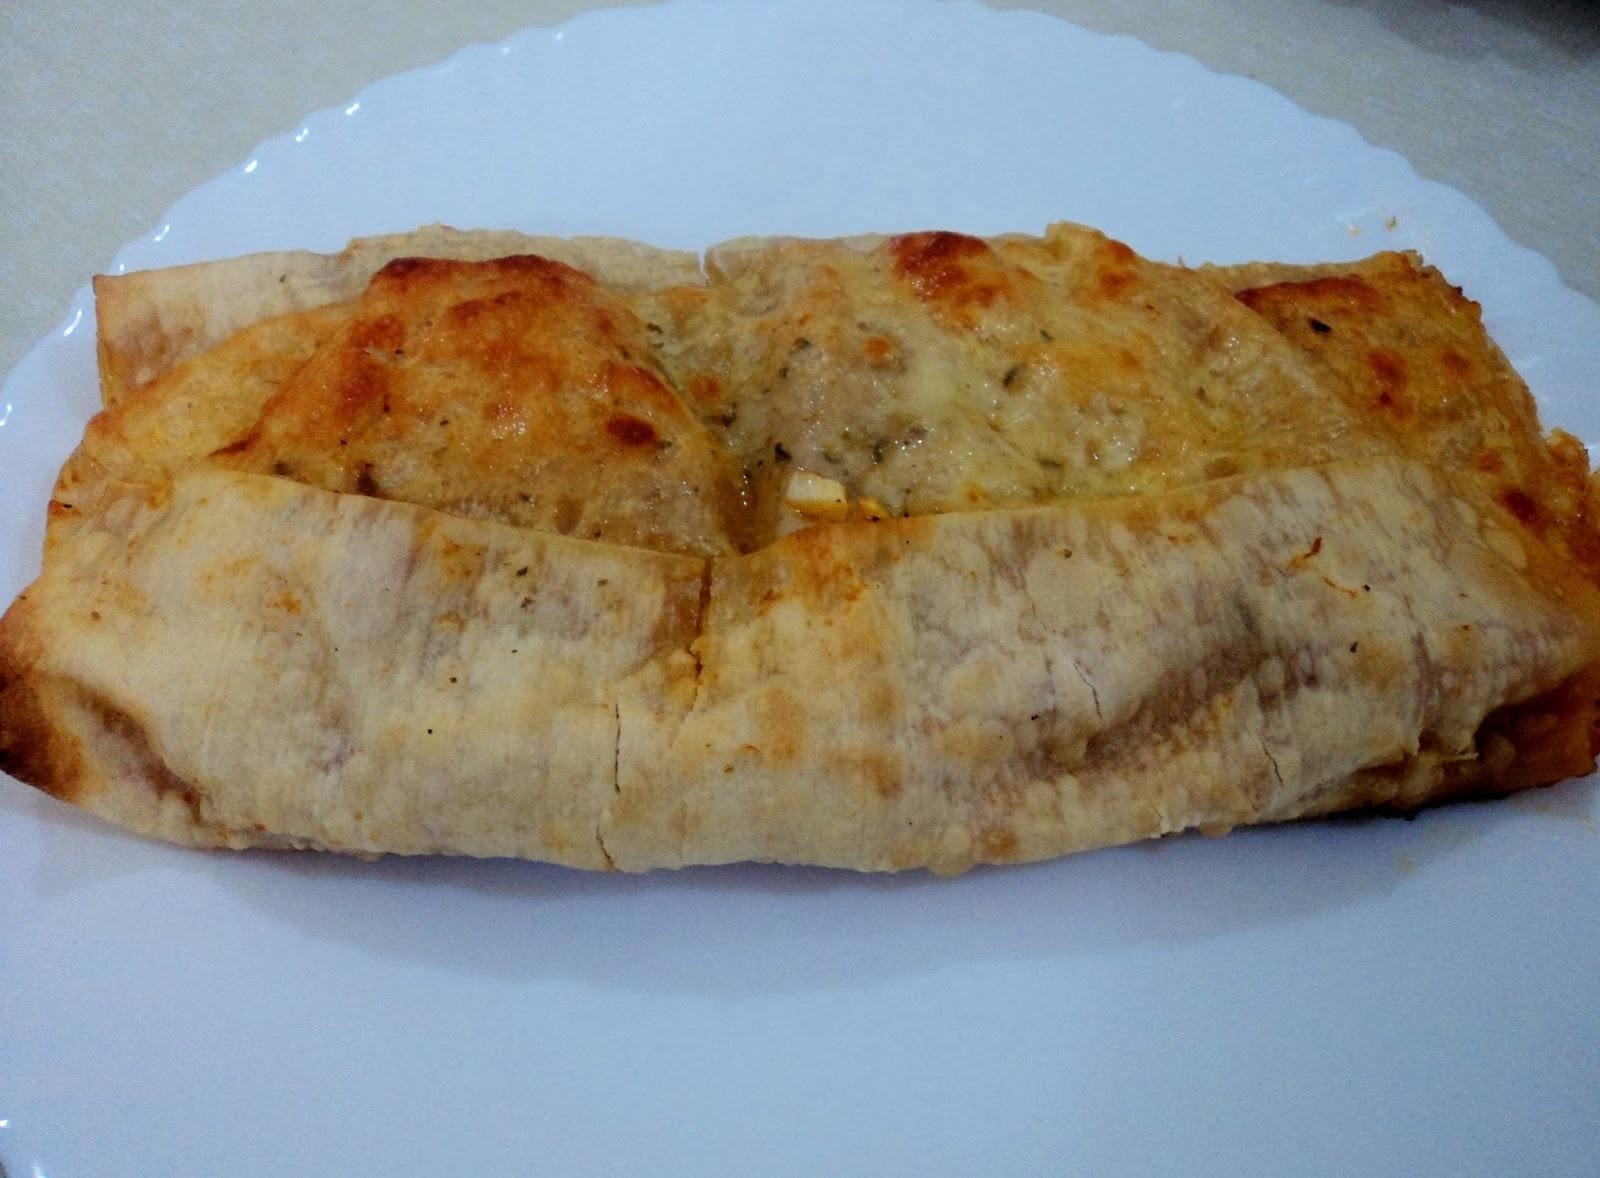 torta Pastelão de mandioca com carne seca #Quinta-Feira